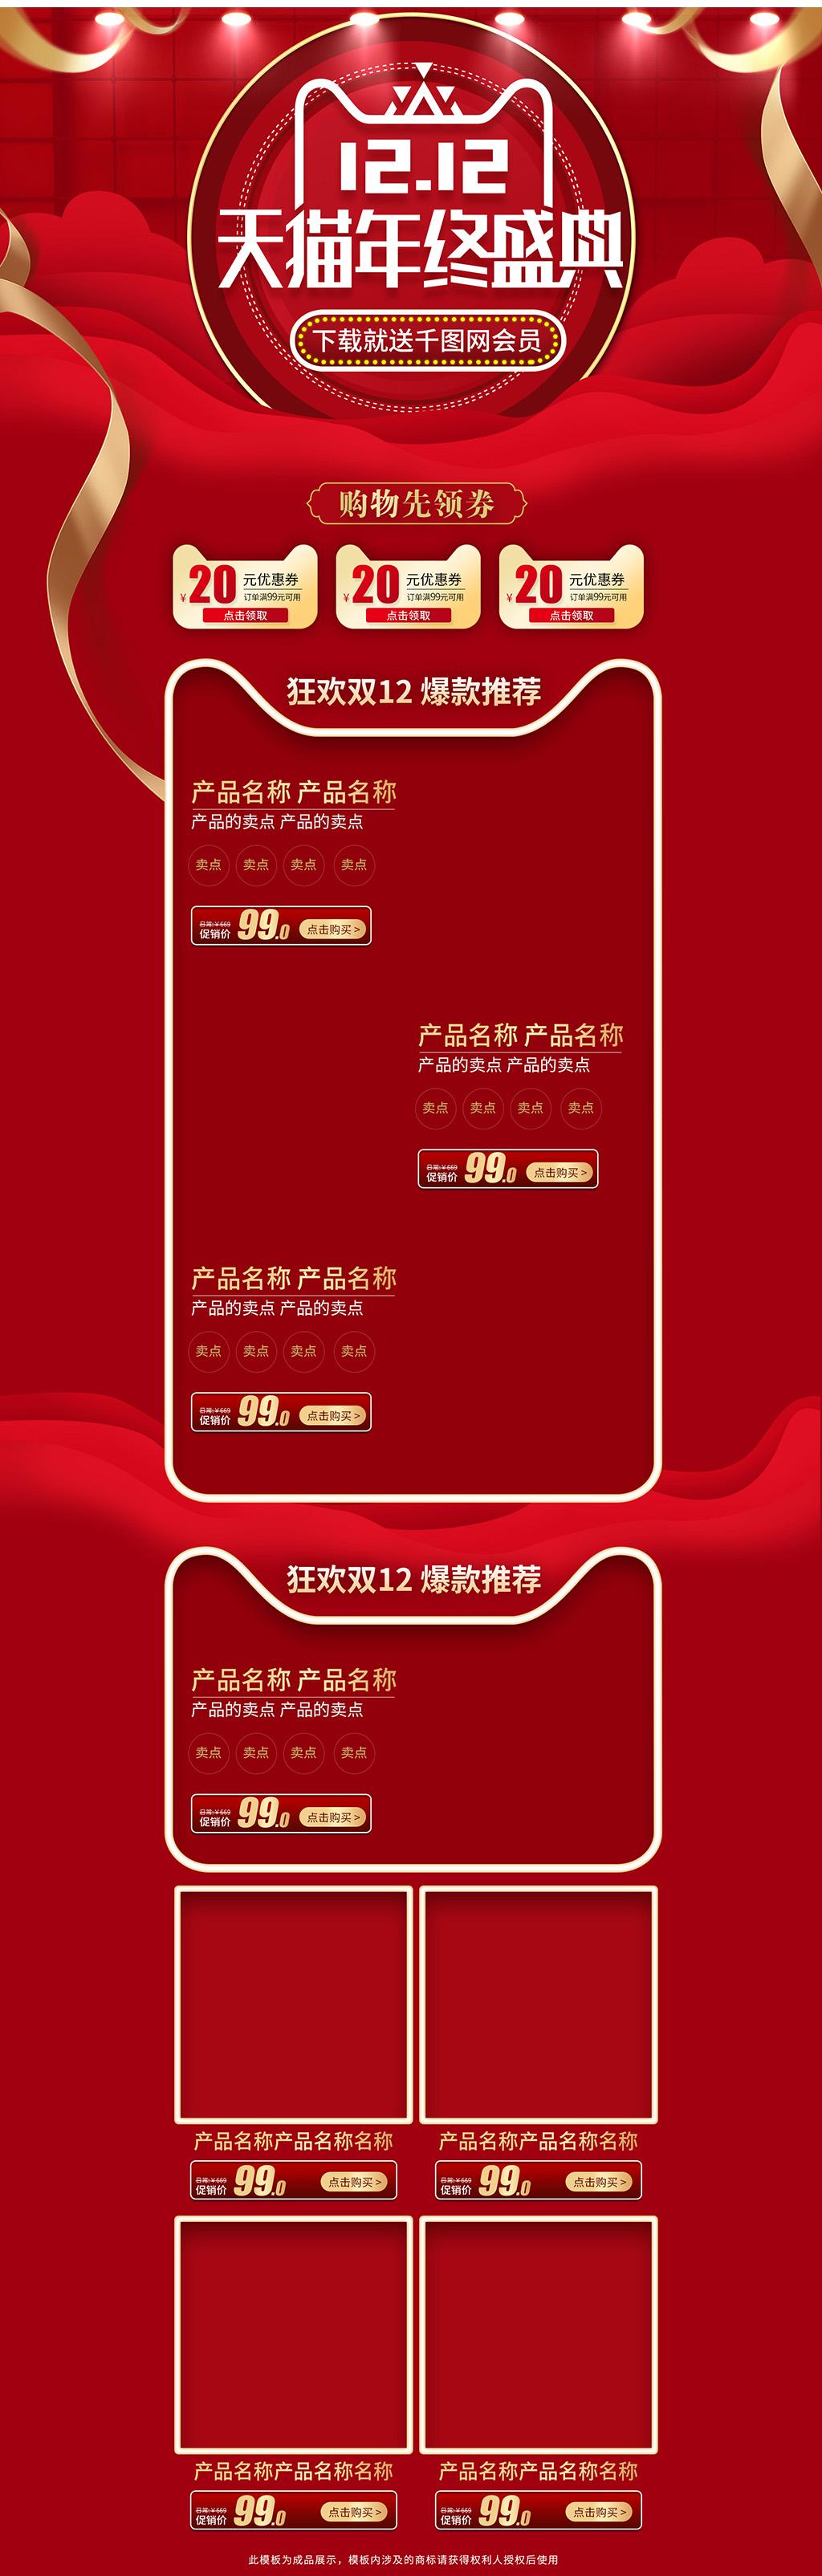 淘宝天猫红色炫彩风格双十二首页双12